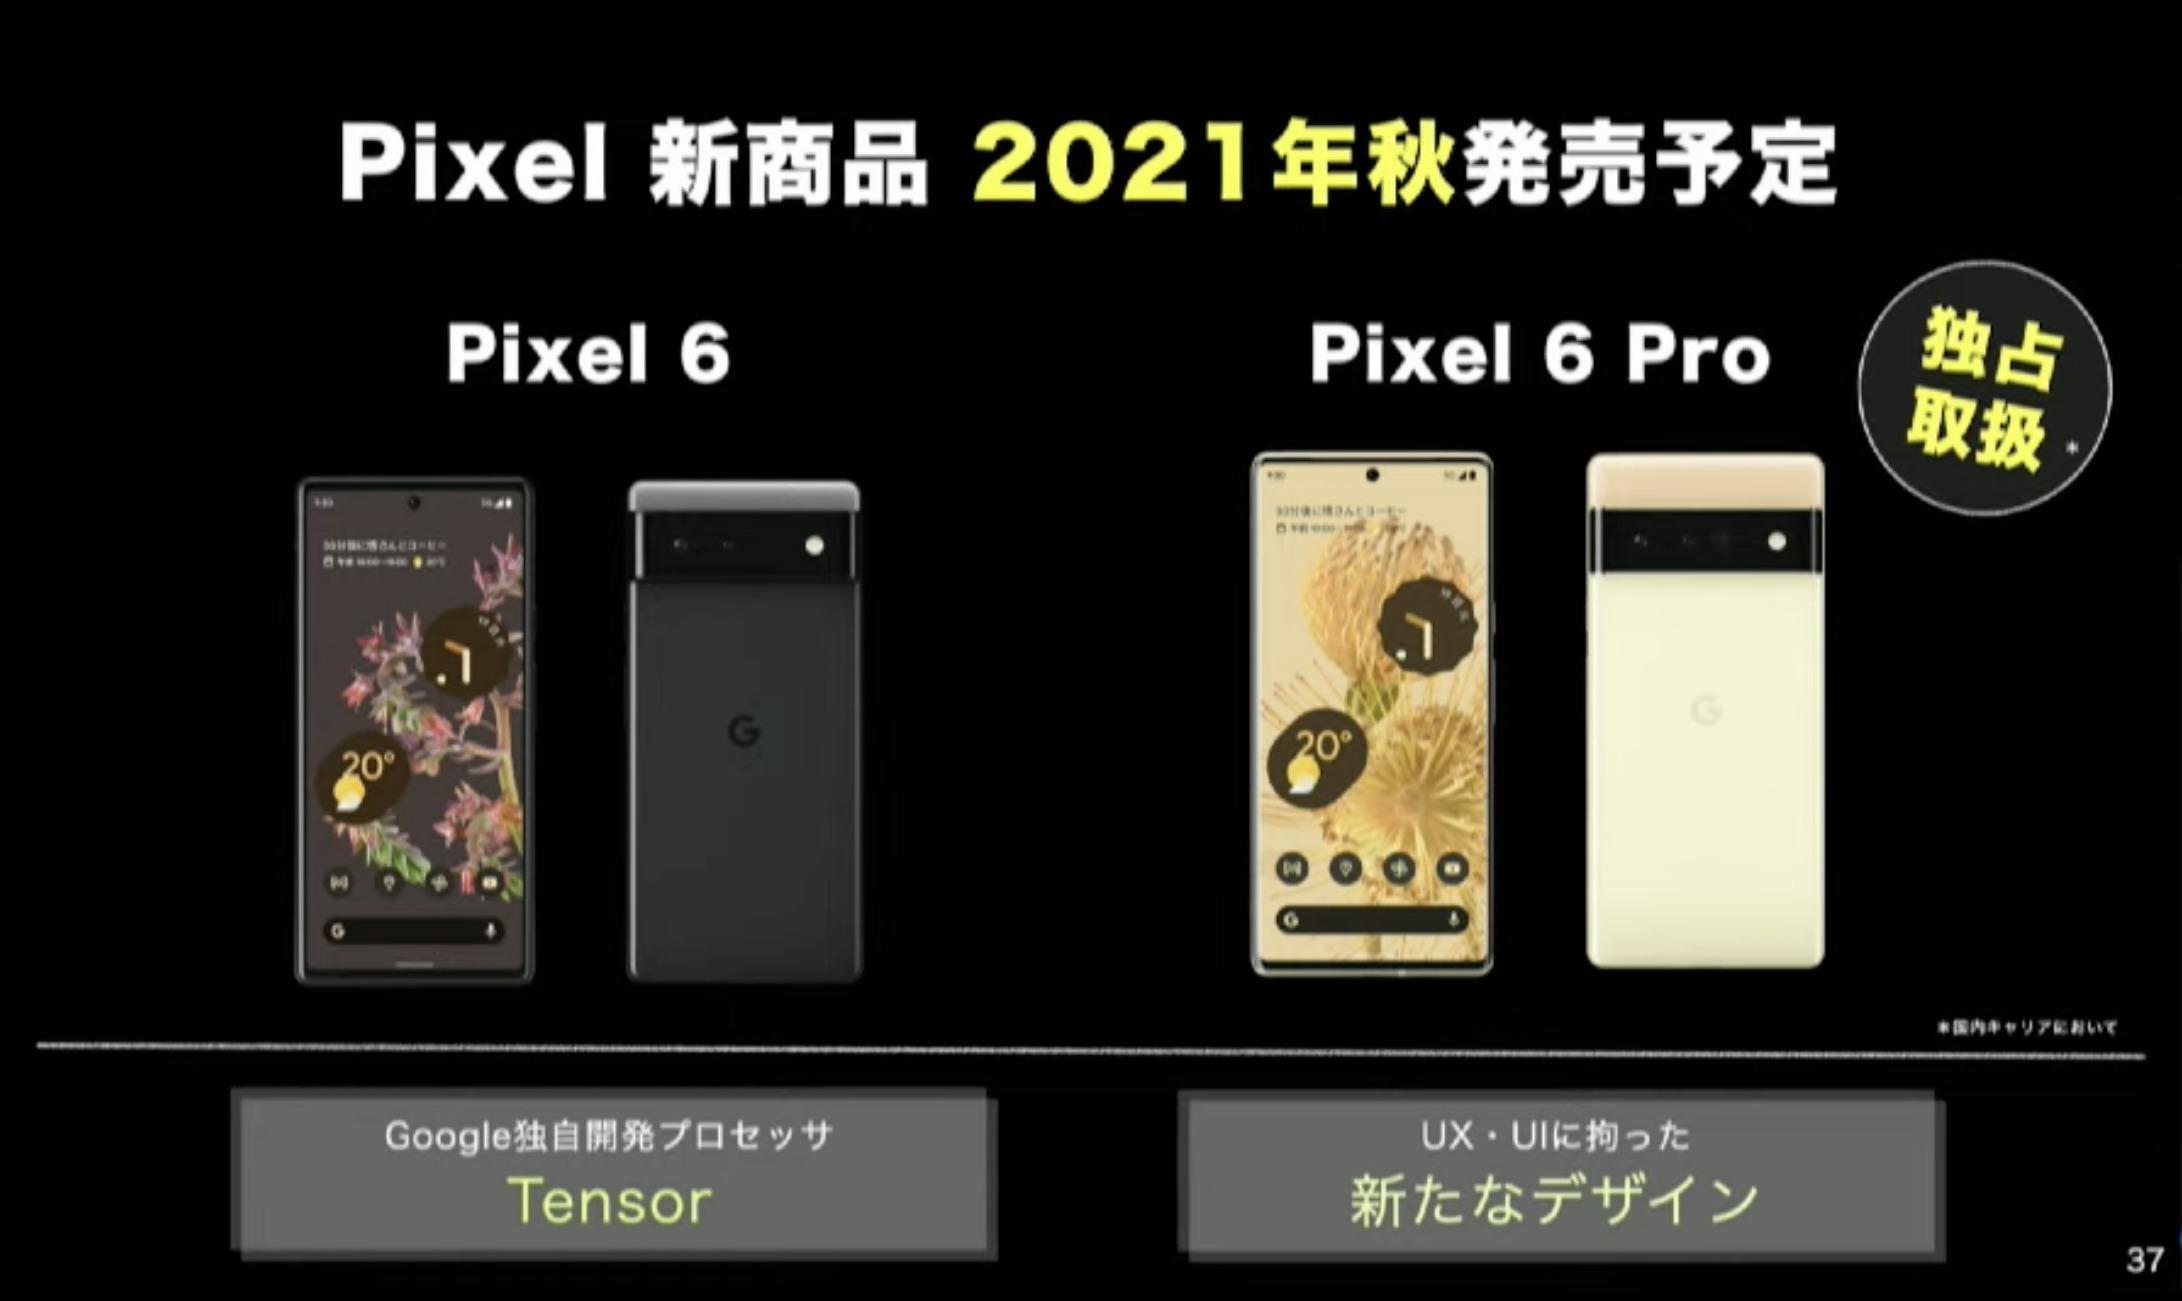 ソフトバンクが「Pixel 6 Pro」を国内で独占取り扱い。Pixel 6は他社からも発売へ